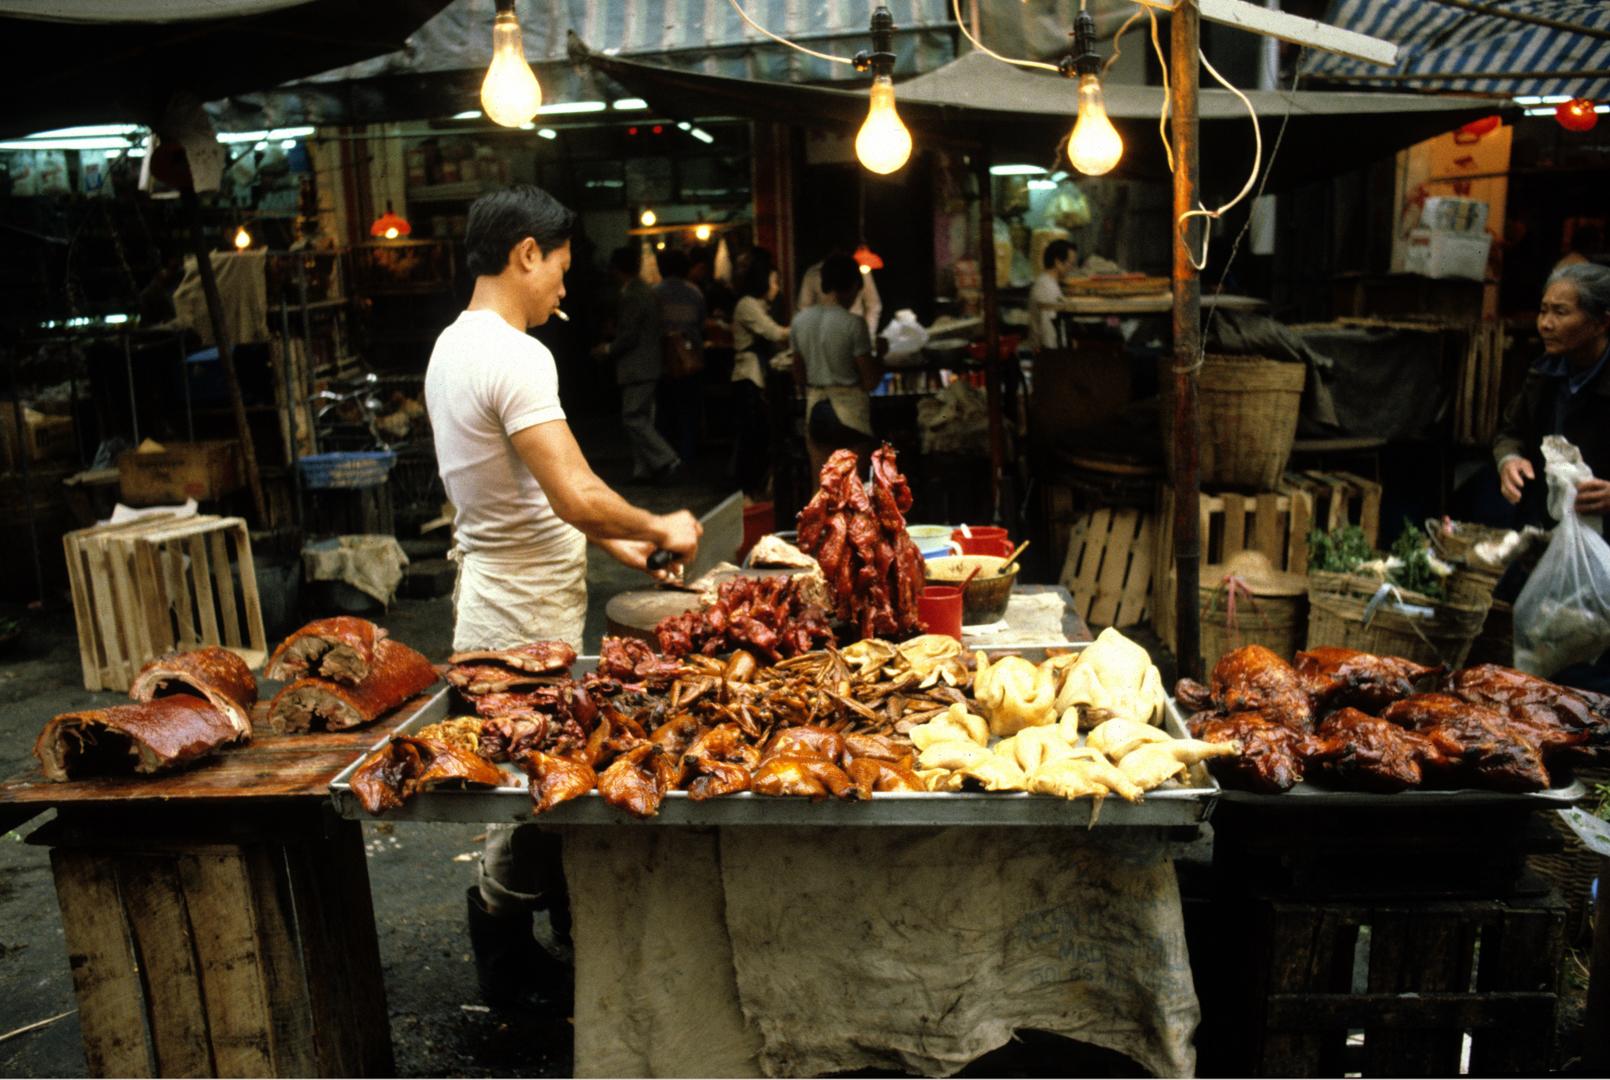 Meat Market 1982 (22×14.75)